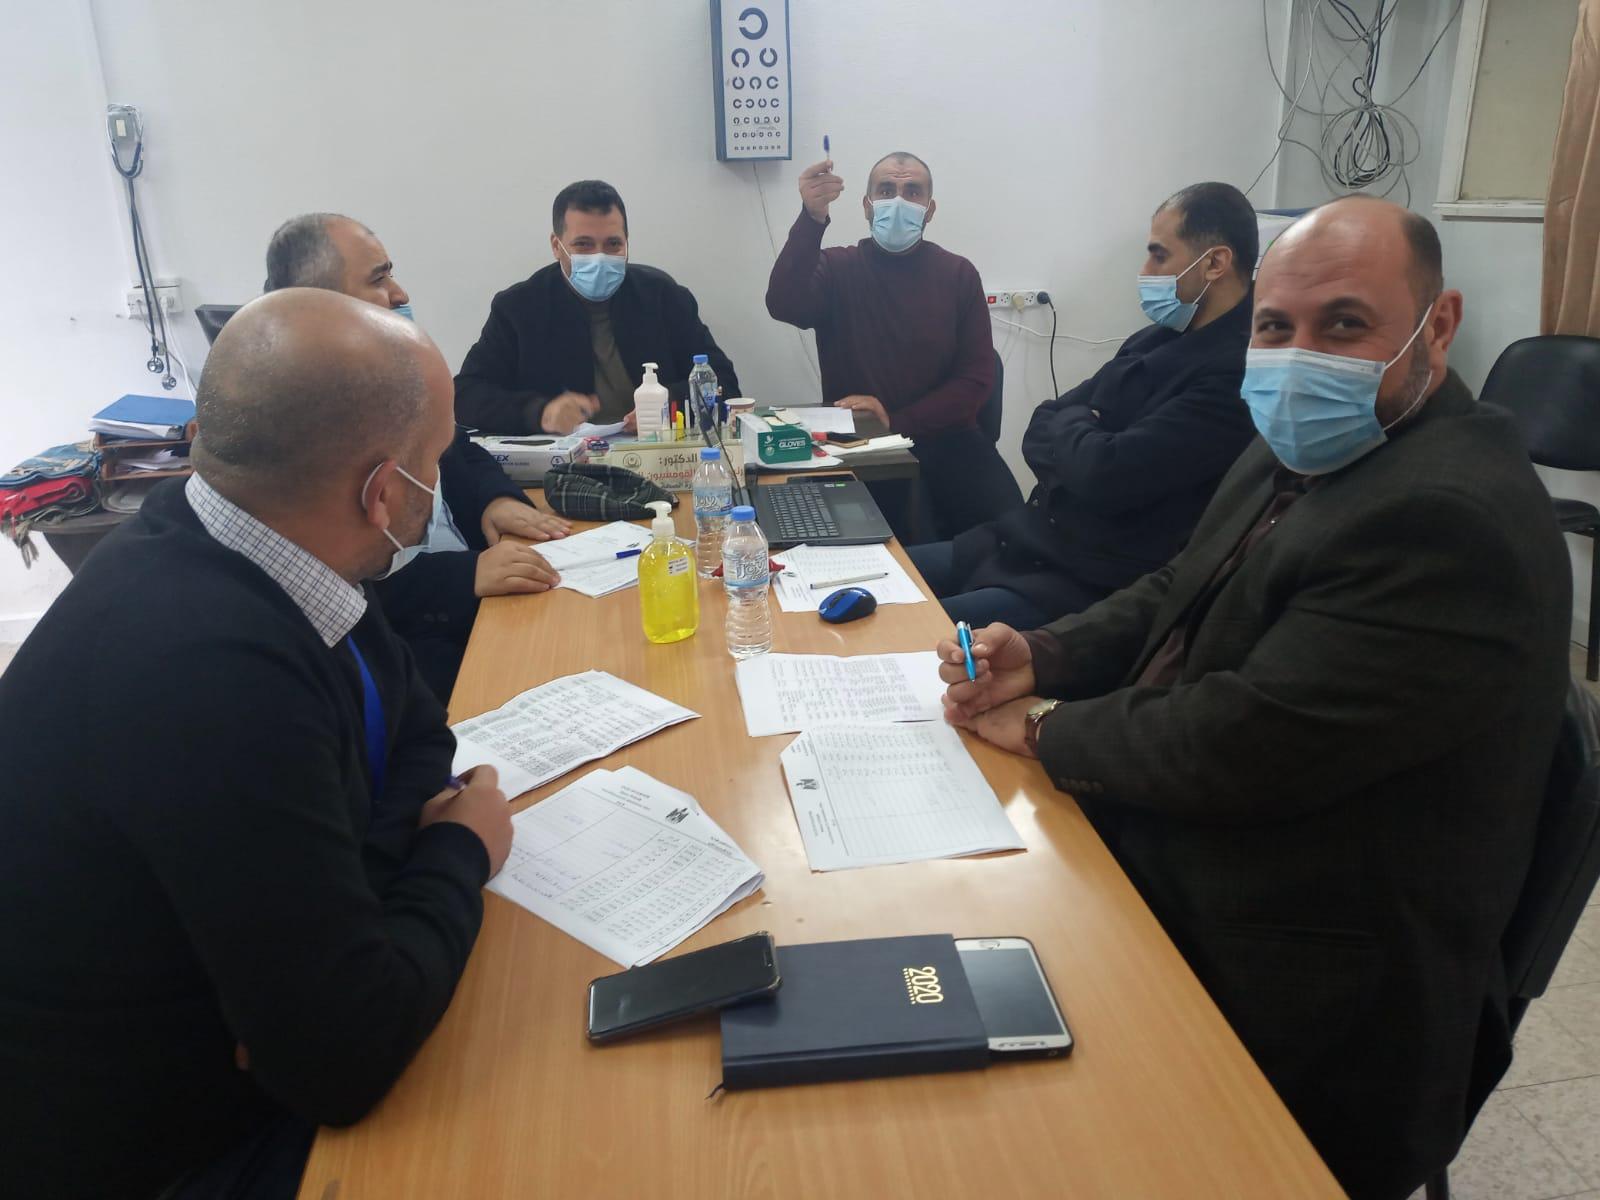 انعقاد اللجنة الخاصة بموظفي الادارة العامة للهندسة والصيانة في مقر دائرة الكومسيون الطبي